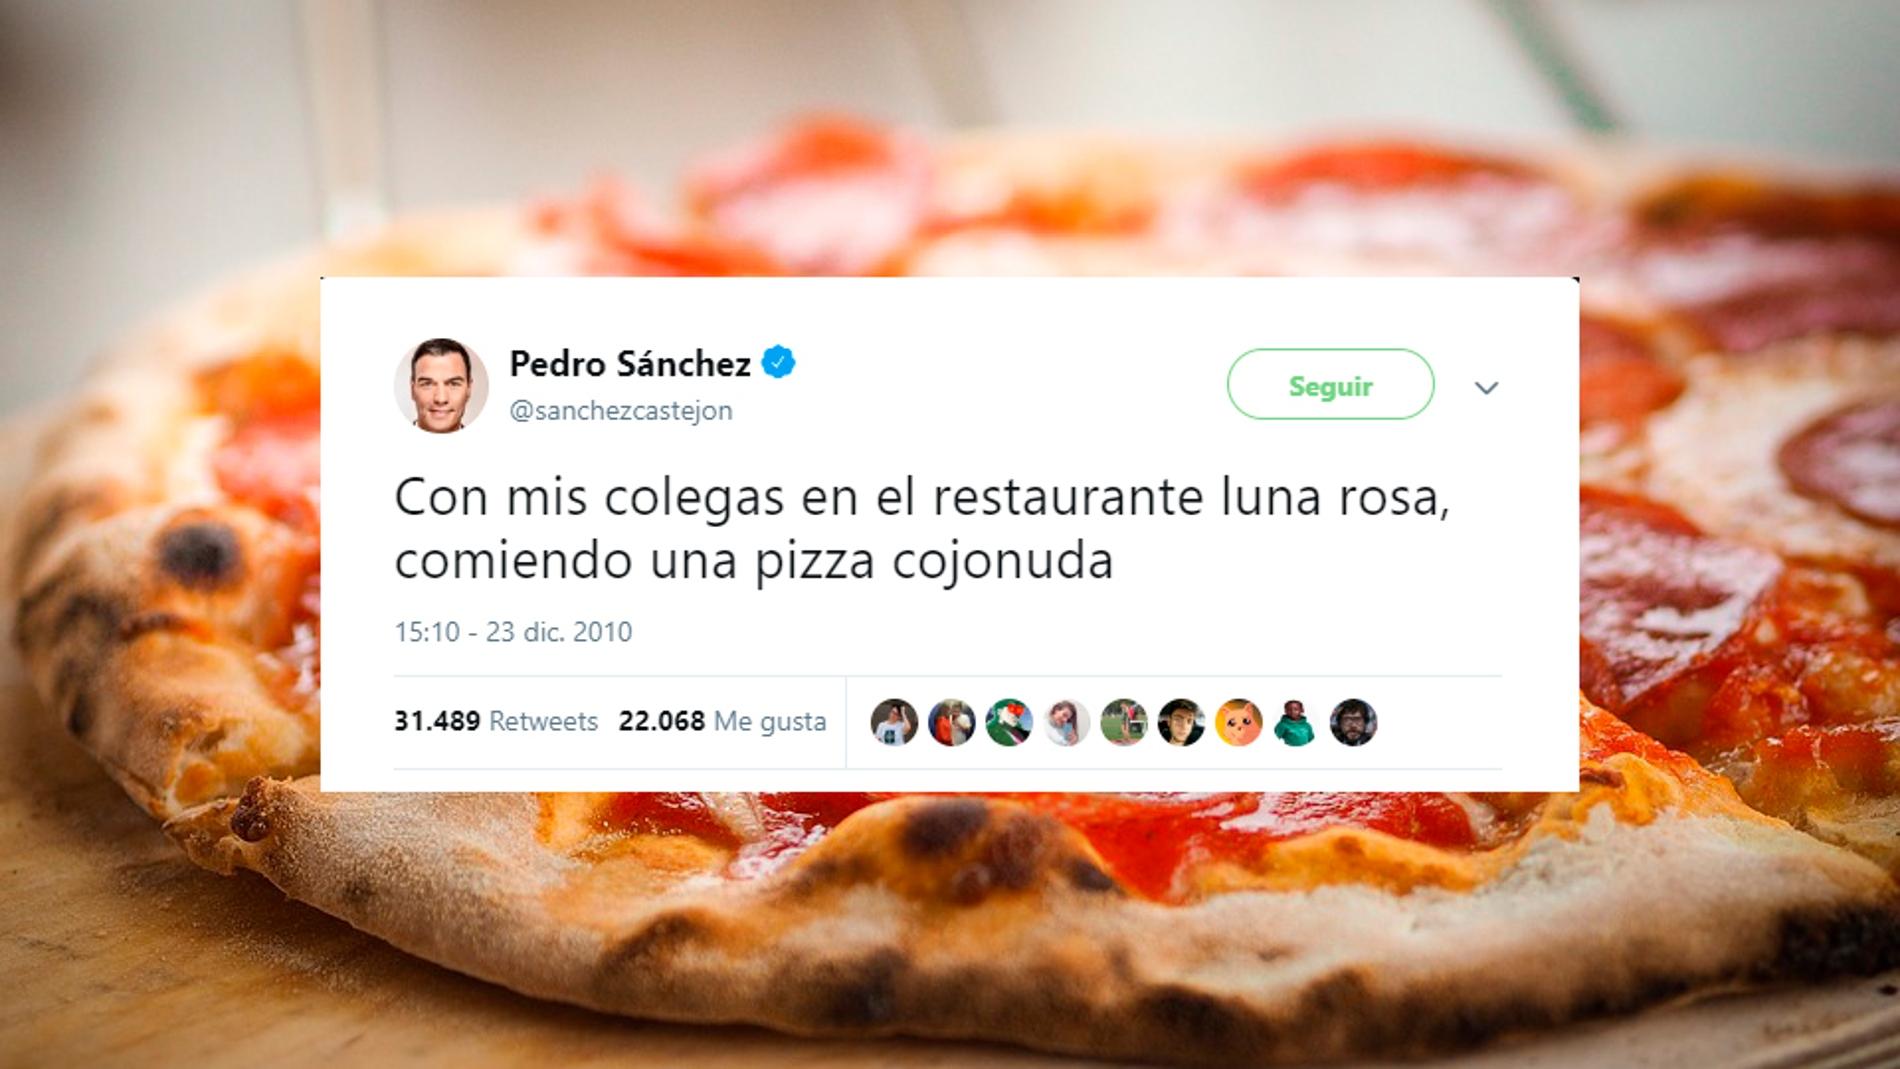 Tuits sobre la pizza cojonuda de Pedro Sánchez